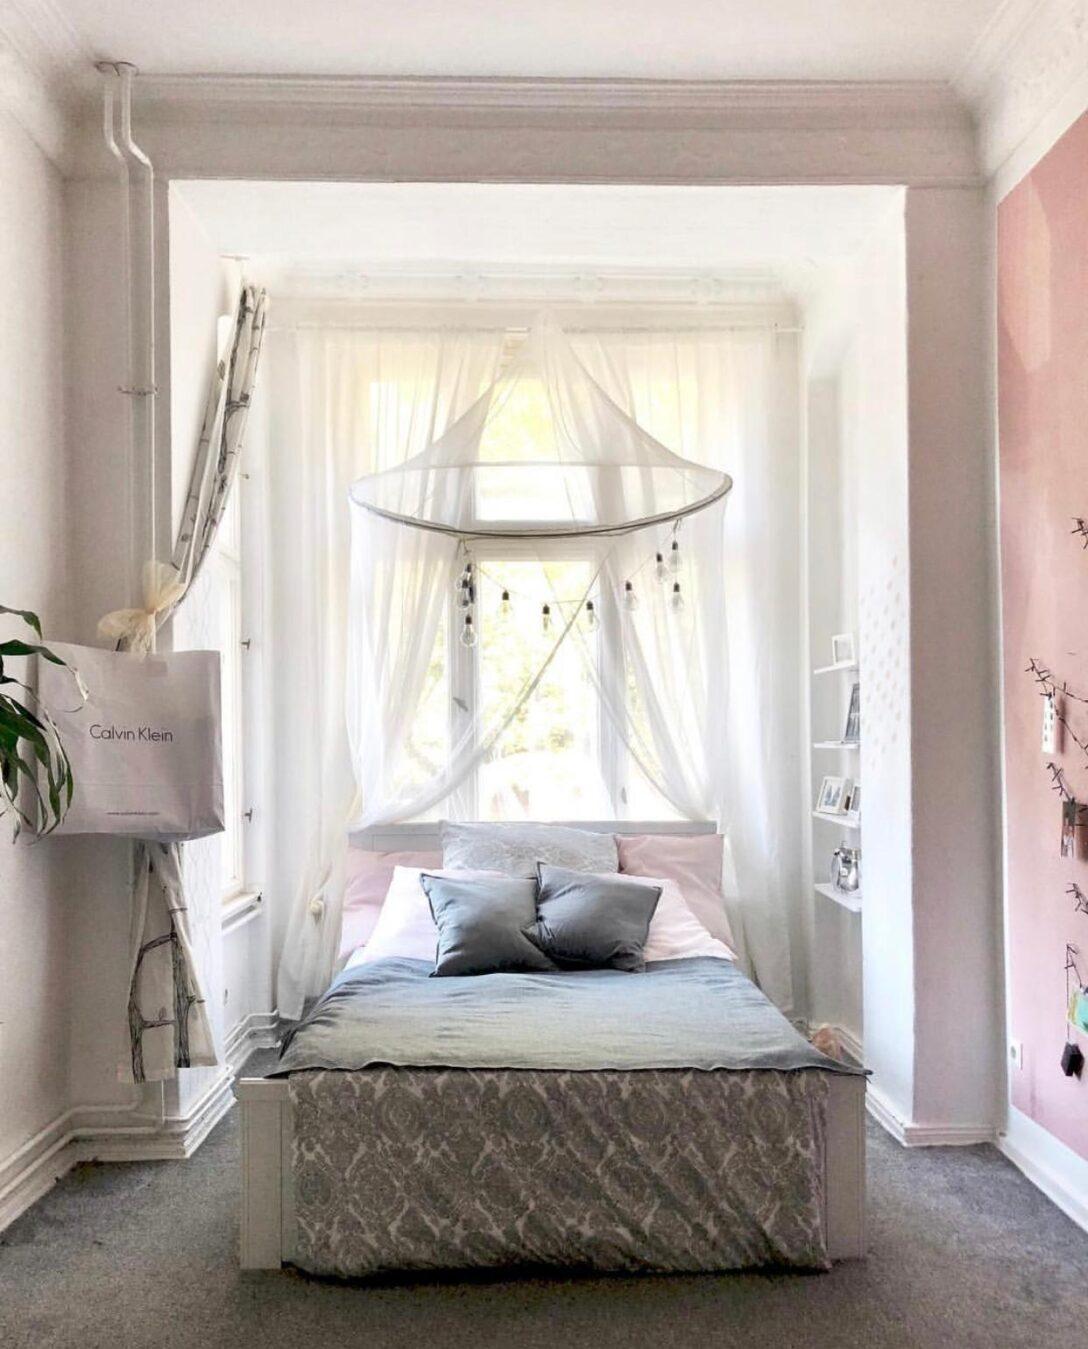 Large Size of Jugendzimmer Ideen So Wird Das Kinderzimmer Verwandelt Modulküche Ikea Sofa Miniküche Mit Schlaffunktion Betten Bei 160x200 Küche Kaufen Bett Kosten Wohnzimmer Jugendzimmer Ikea